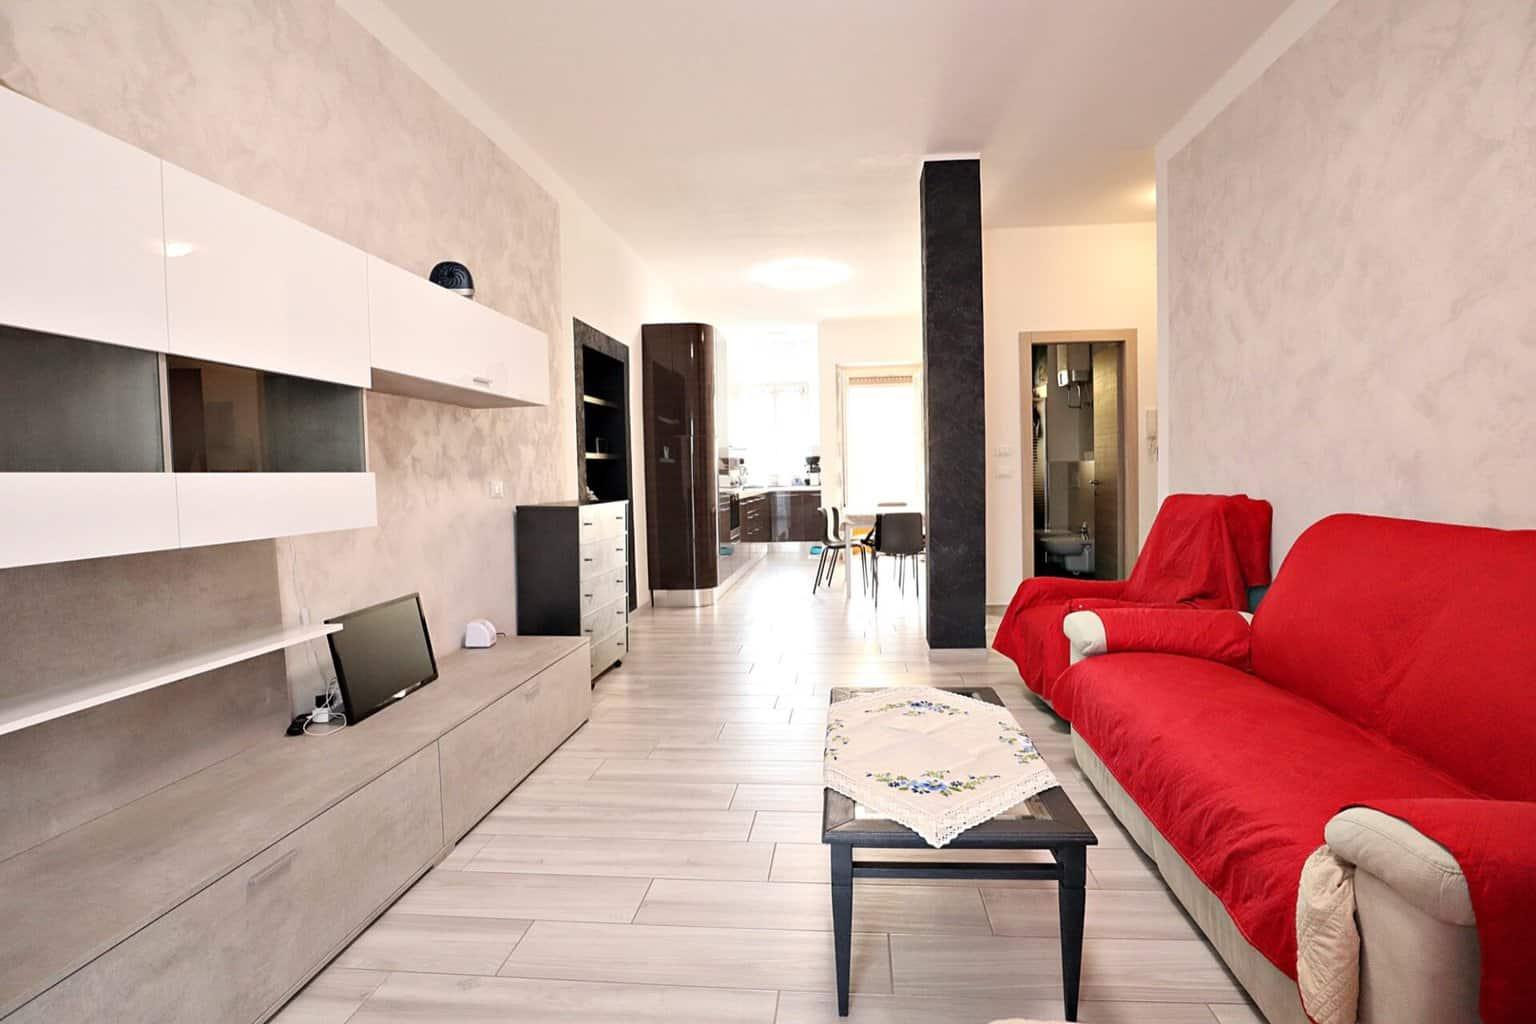 Appartamento – corso Belgio n. 148 Torino Vanchiglietta